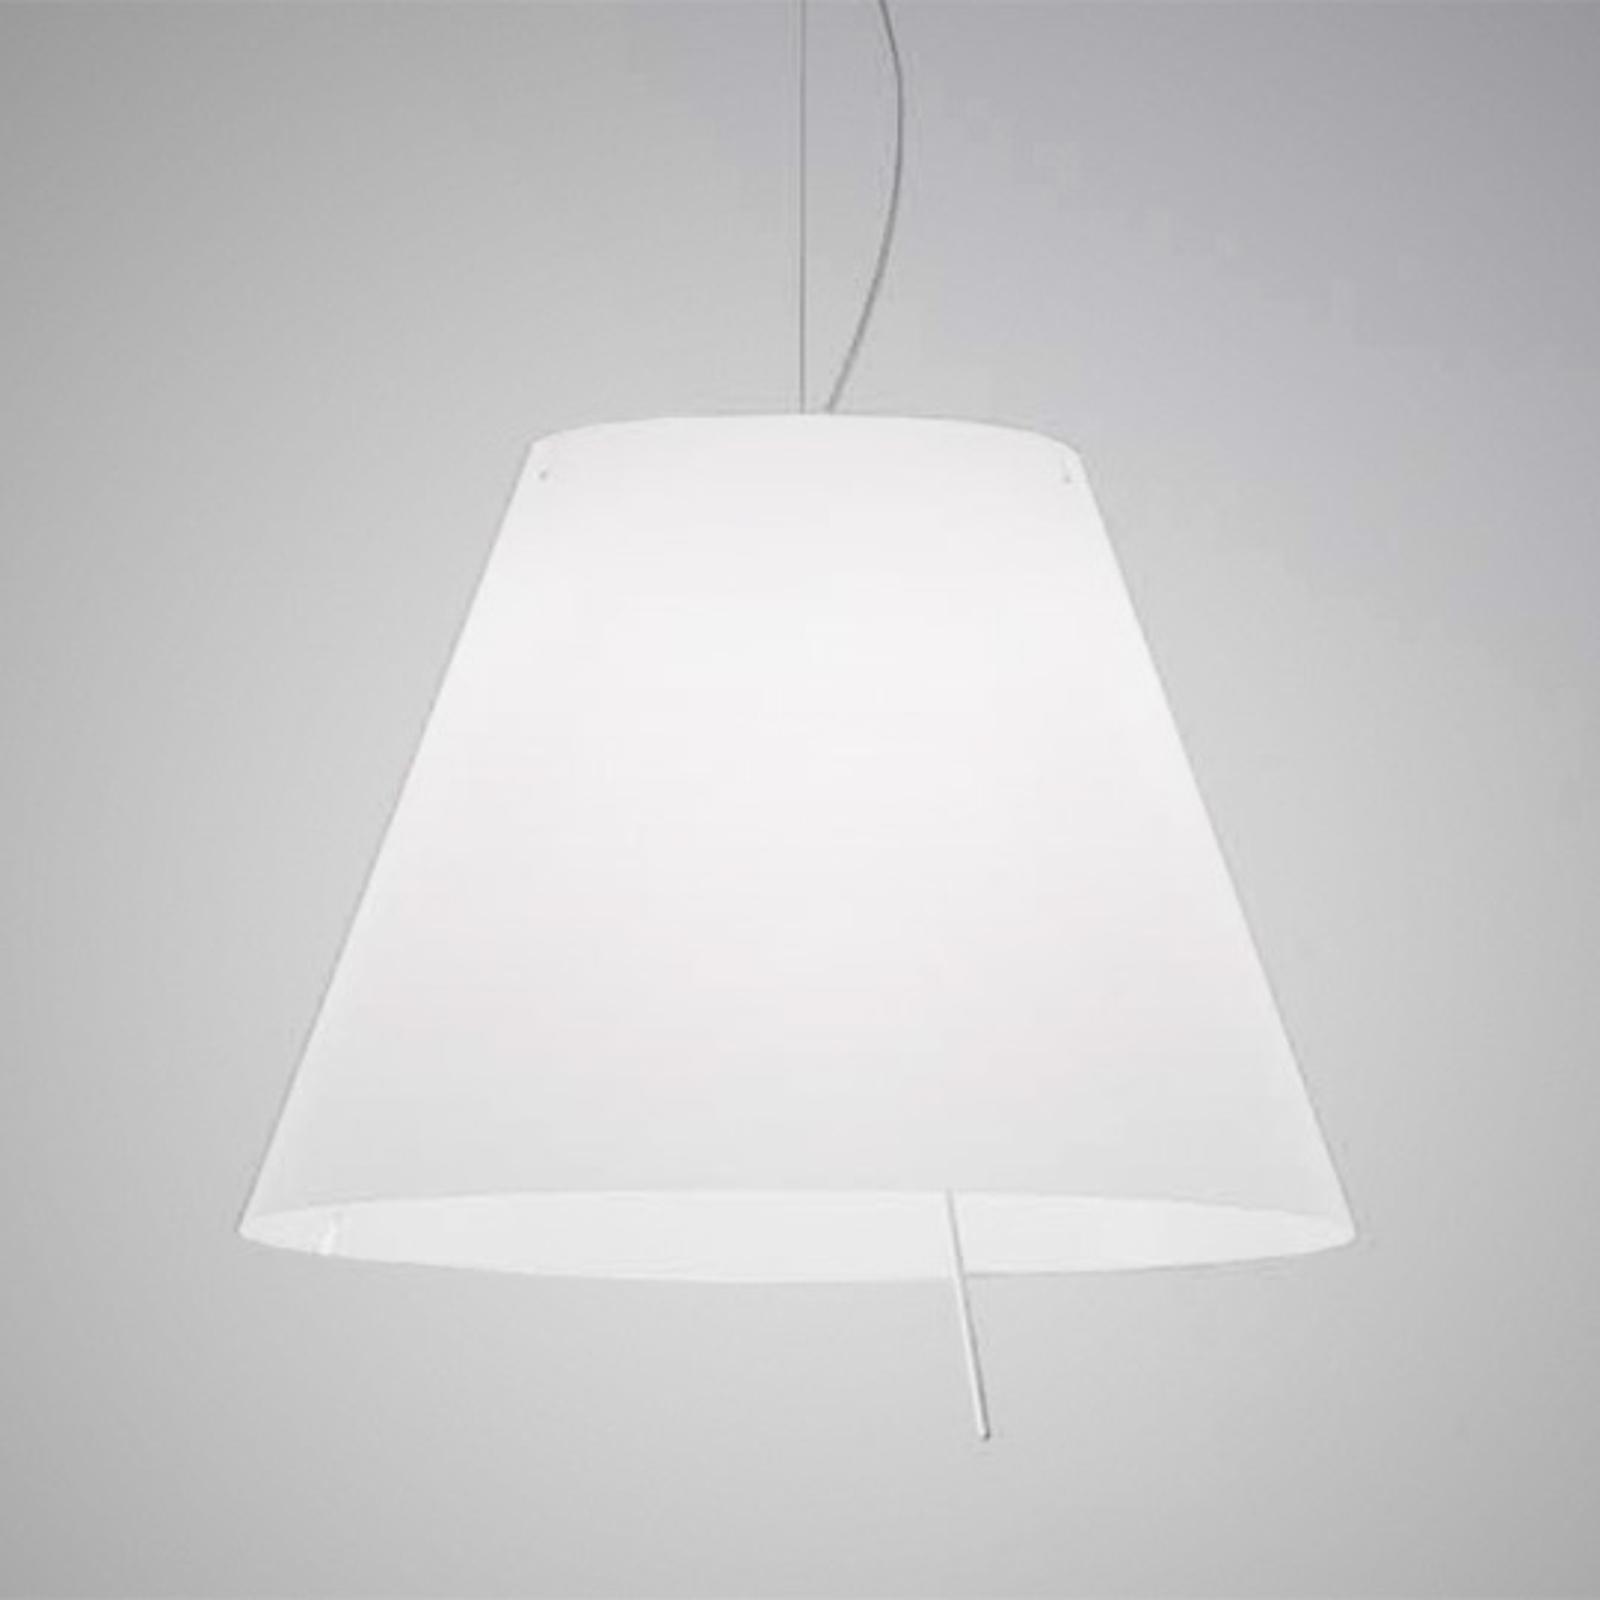 Biała lampa wisząca Grande Costanza